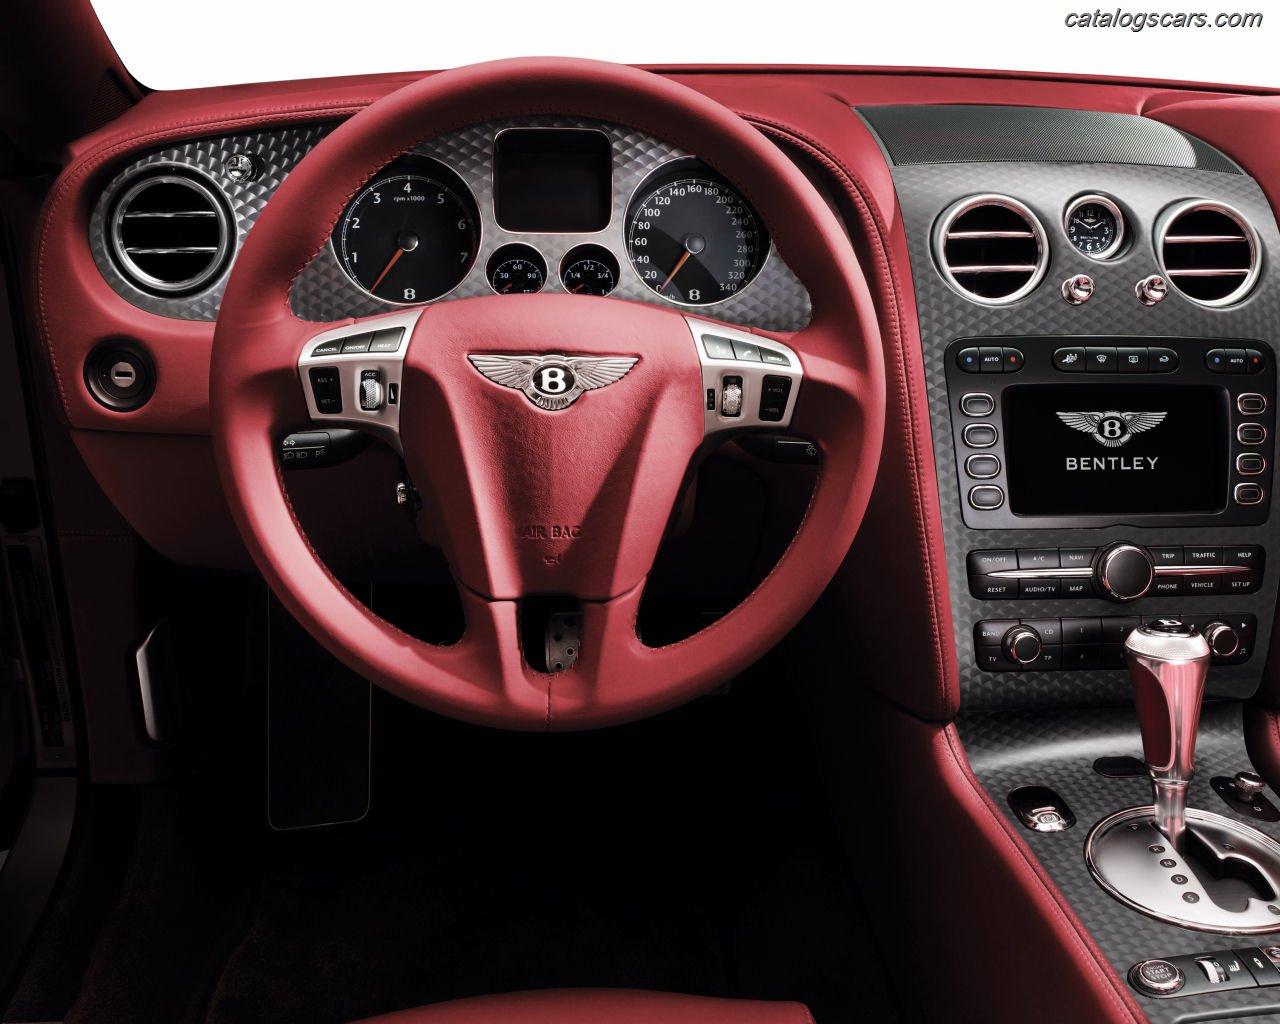 صور سيارة بنتلى كونتيننتال جى تى سى سبيد 2012 - اجمل خلفيات صور عربية بنتلى كونتيننتال جى تى سى سبيد 2012 - Bentley Continental Gtc Speed Photos Bentley-Continental-Gtc-Speed-2011-07.jpg